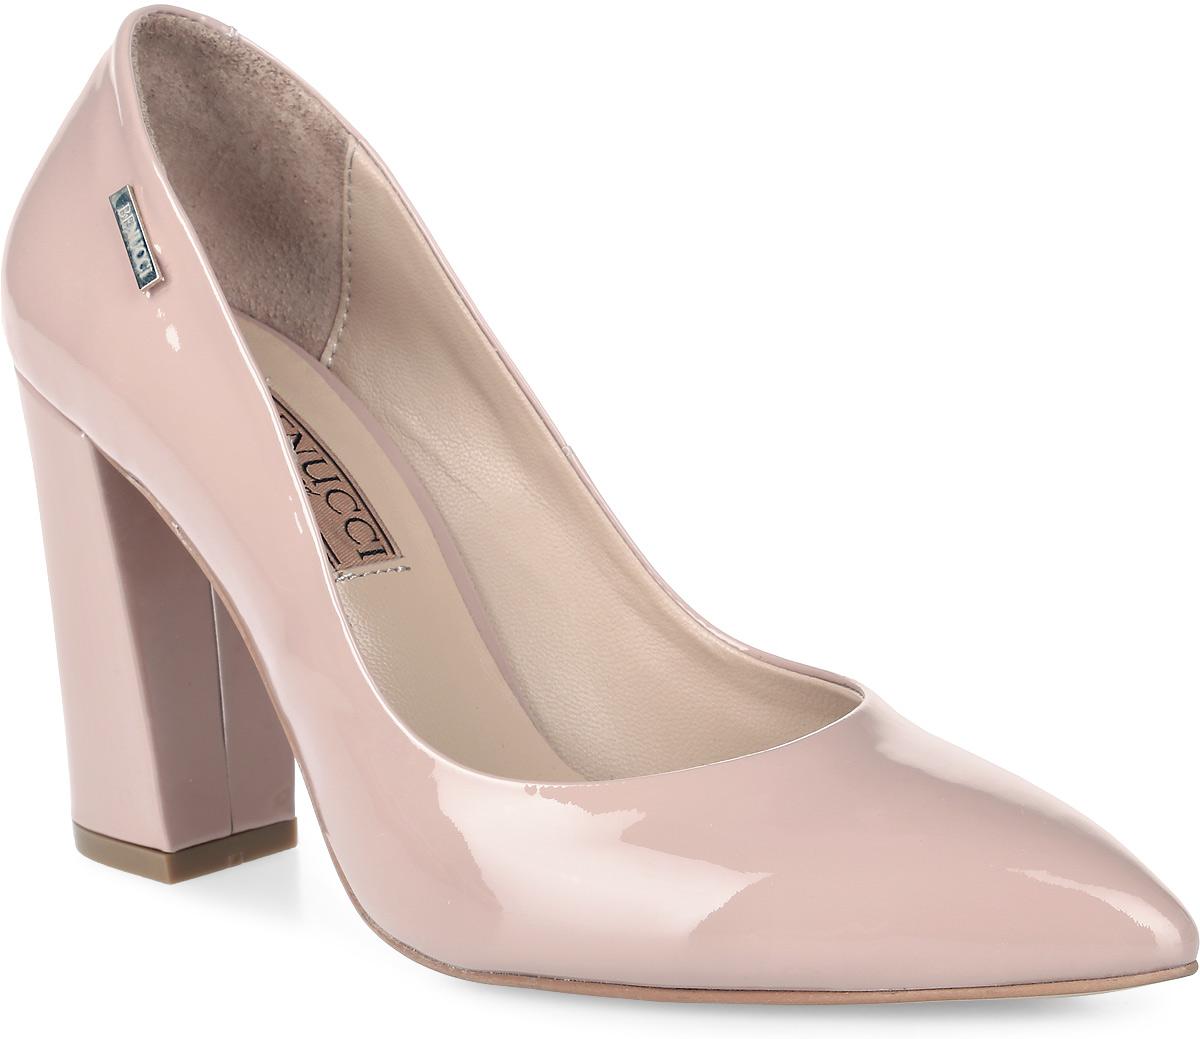 Туфли женские Benucci, цвет: розовый. 5865_лак. Размер 375865_лакИзысканные женские туфли от Benucci поразят вас своим дизайном! Модель выполнена из натурального лака. Подкладка и стелька - из натуральной кожипозволят ногам дышать и обеспечат максимальный комфорт при ходьбе. Зауженный носок добавит женственности в ваш образ. Высокий толстый каблук устойчив. Подошва с резиновой вставкой обеспечивает отличное сцепление с поверхностью. Модные туфли подчеркнут вашу яркую индивидуальность, позволят выделиться среди окружающих.